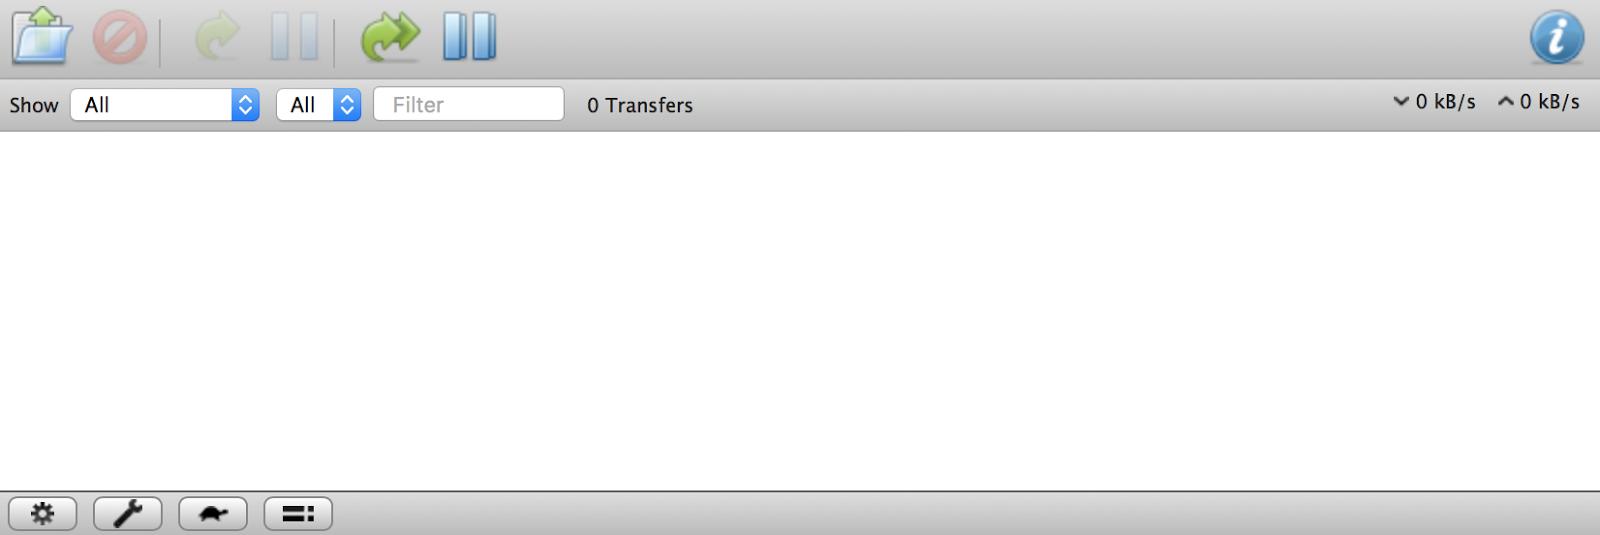 Come rimuovere automaticamente i torrent completati da Transmission